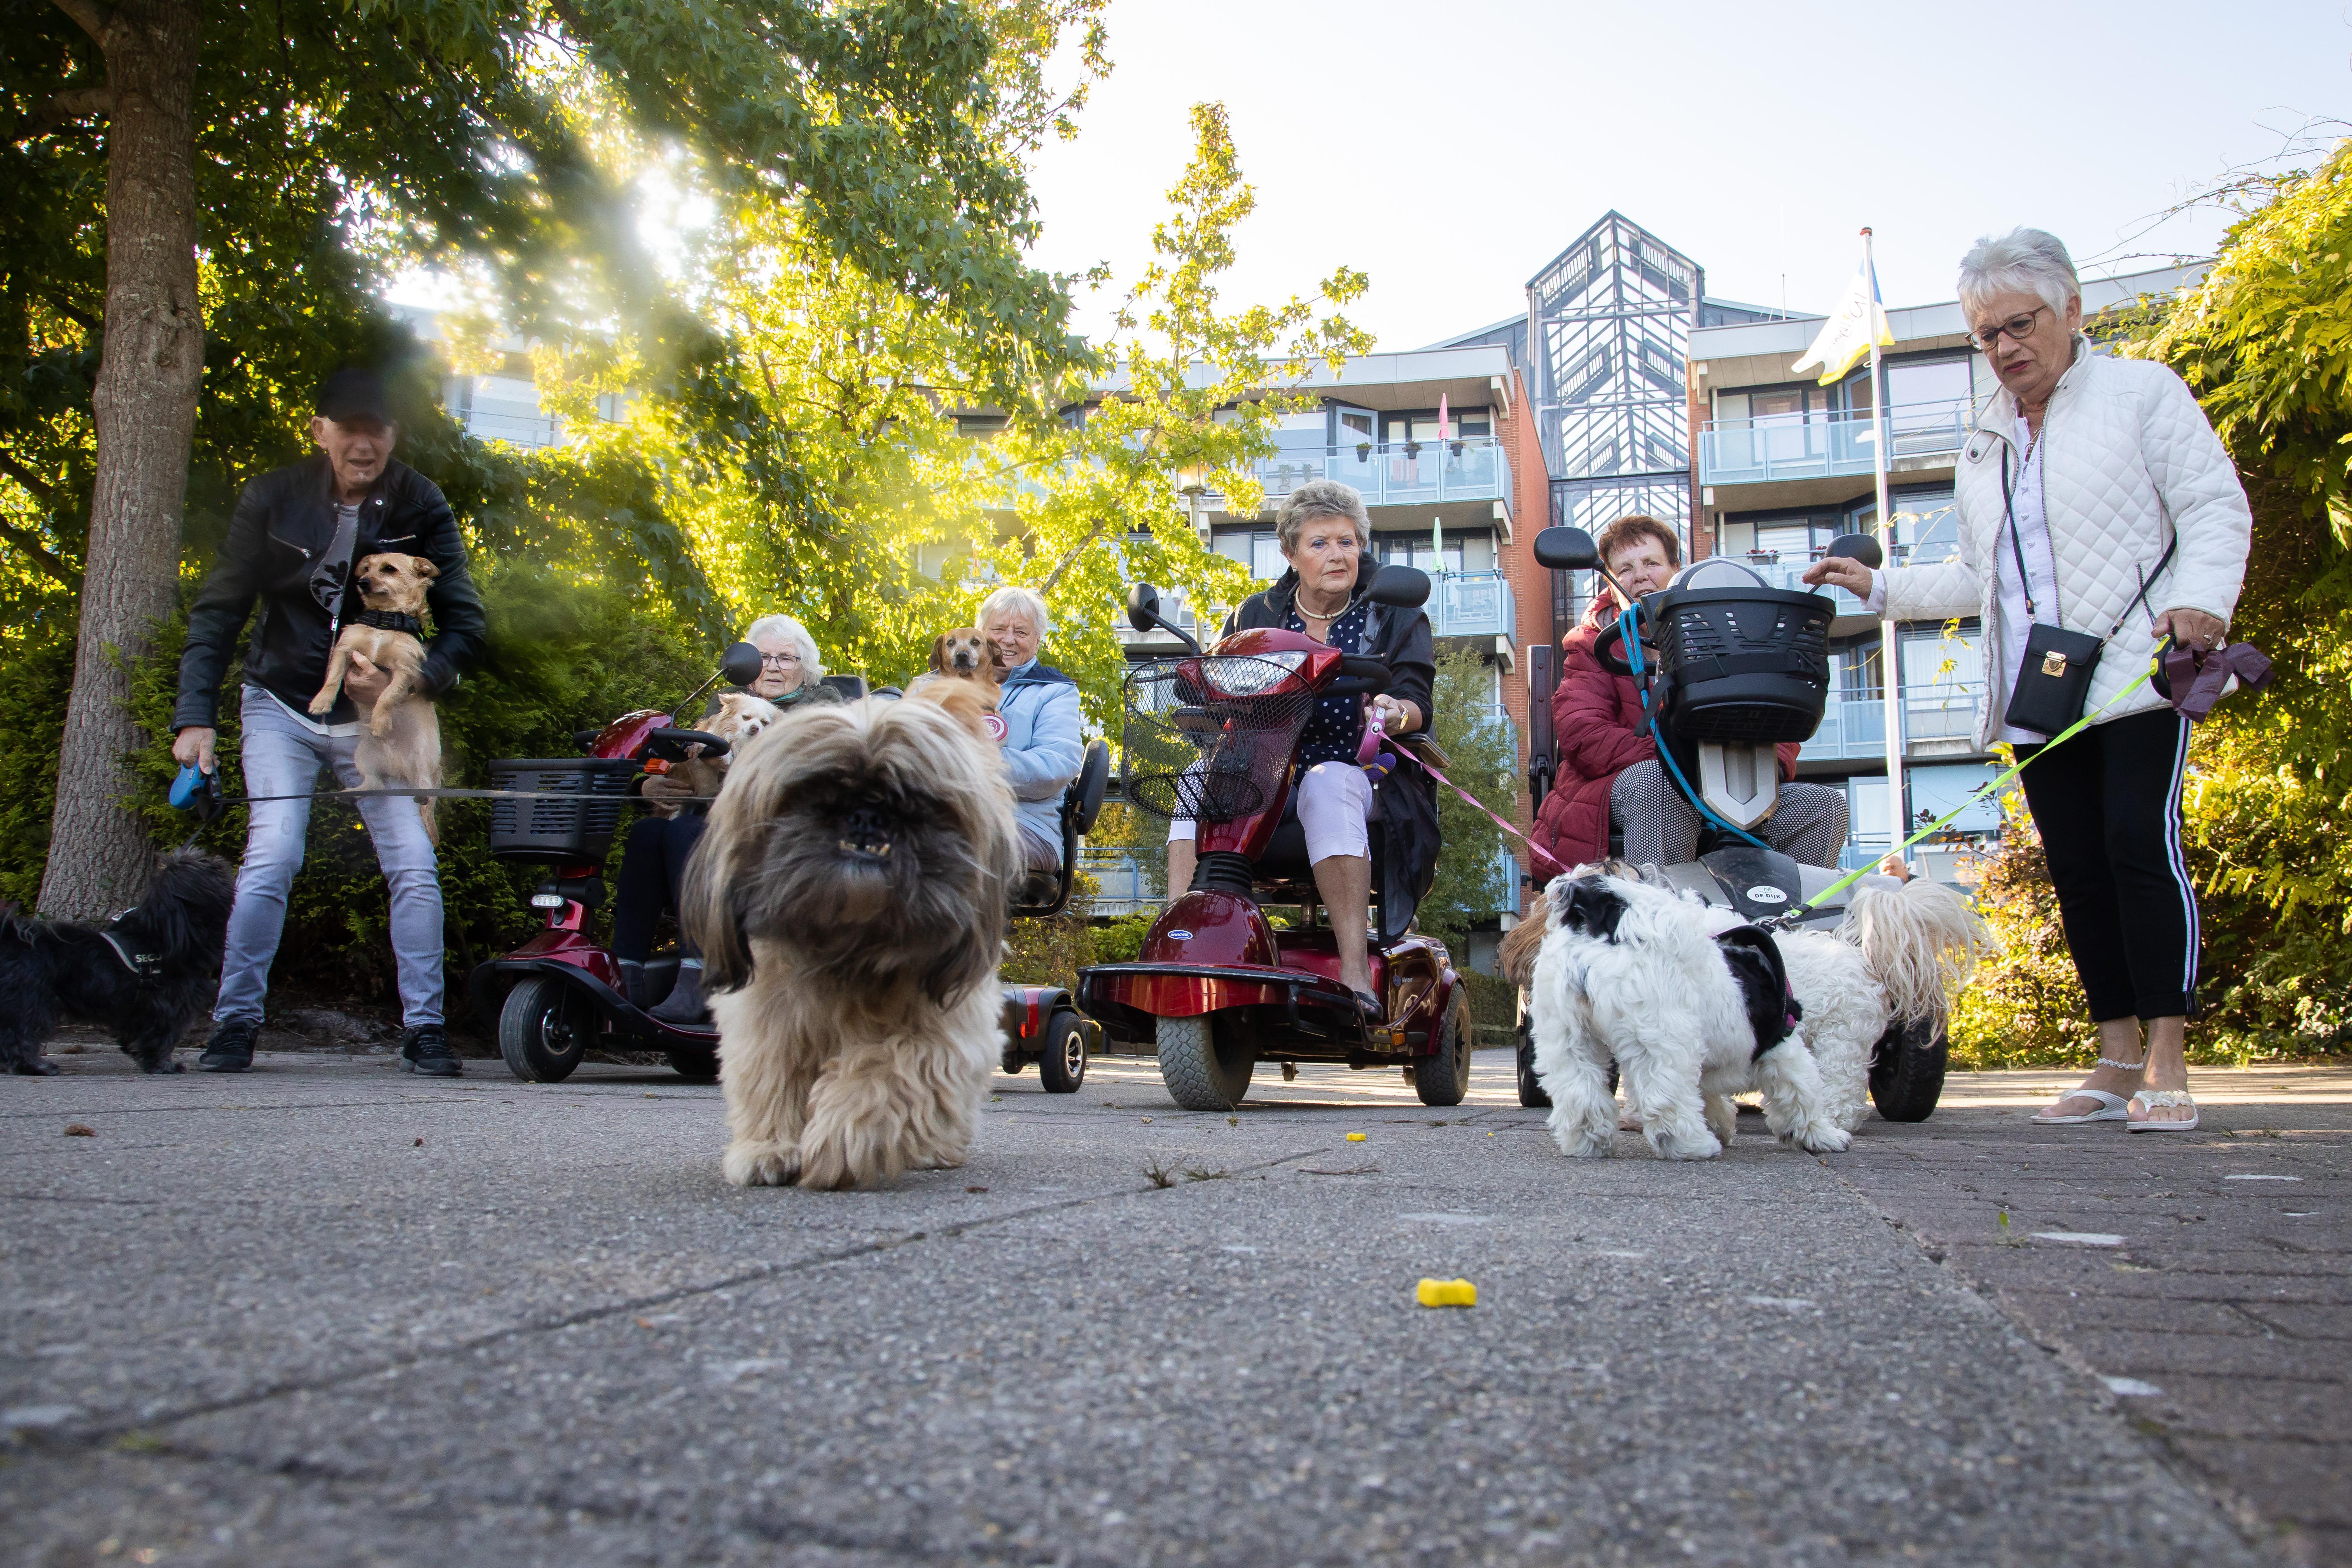 Hondenclub verdrijft eenzaamheid bij bewoners Betsy Perk in Hoorn: 'En het scheelt ook een hoop geld, uitlaatservice kunnen wij van onze AOW niet betalen'